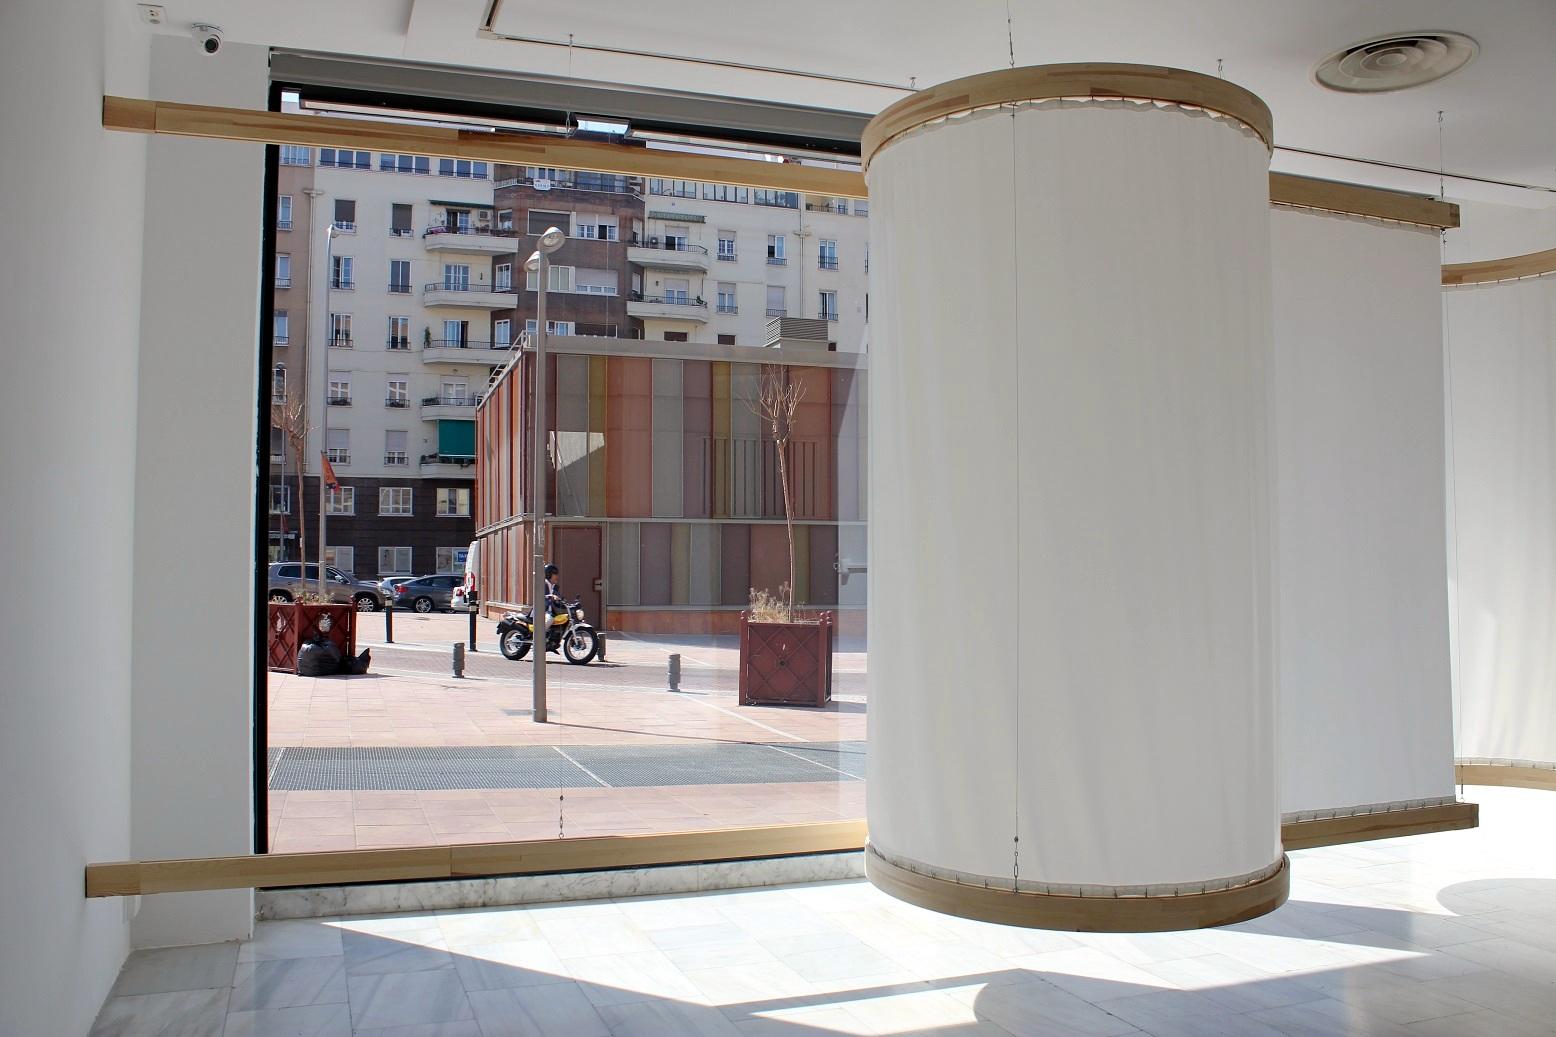 Leonor Serrano Rivas, An ornamental way of moving. Exposición En los cantos nos diluimos. Sala de Arte Joven, Madrid. Foto: Luis Martín.